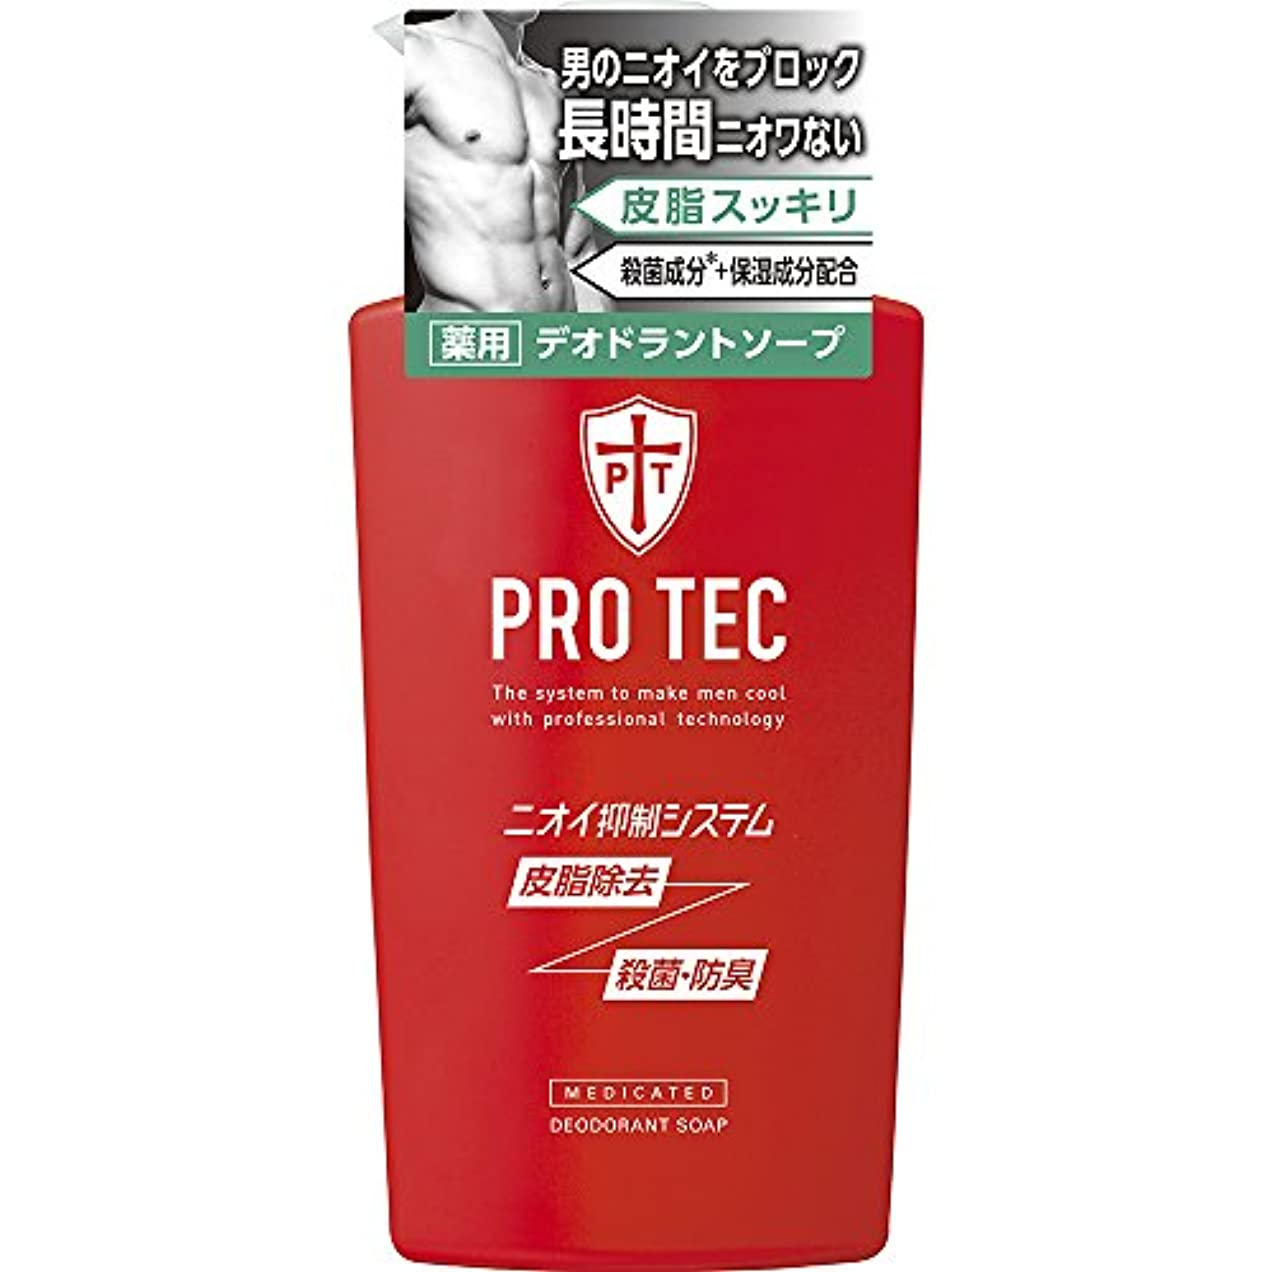 上げる抑制年次PRO TEC(プロテク) デオドラントソープ 本体ポンプ 420ml